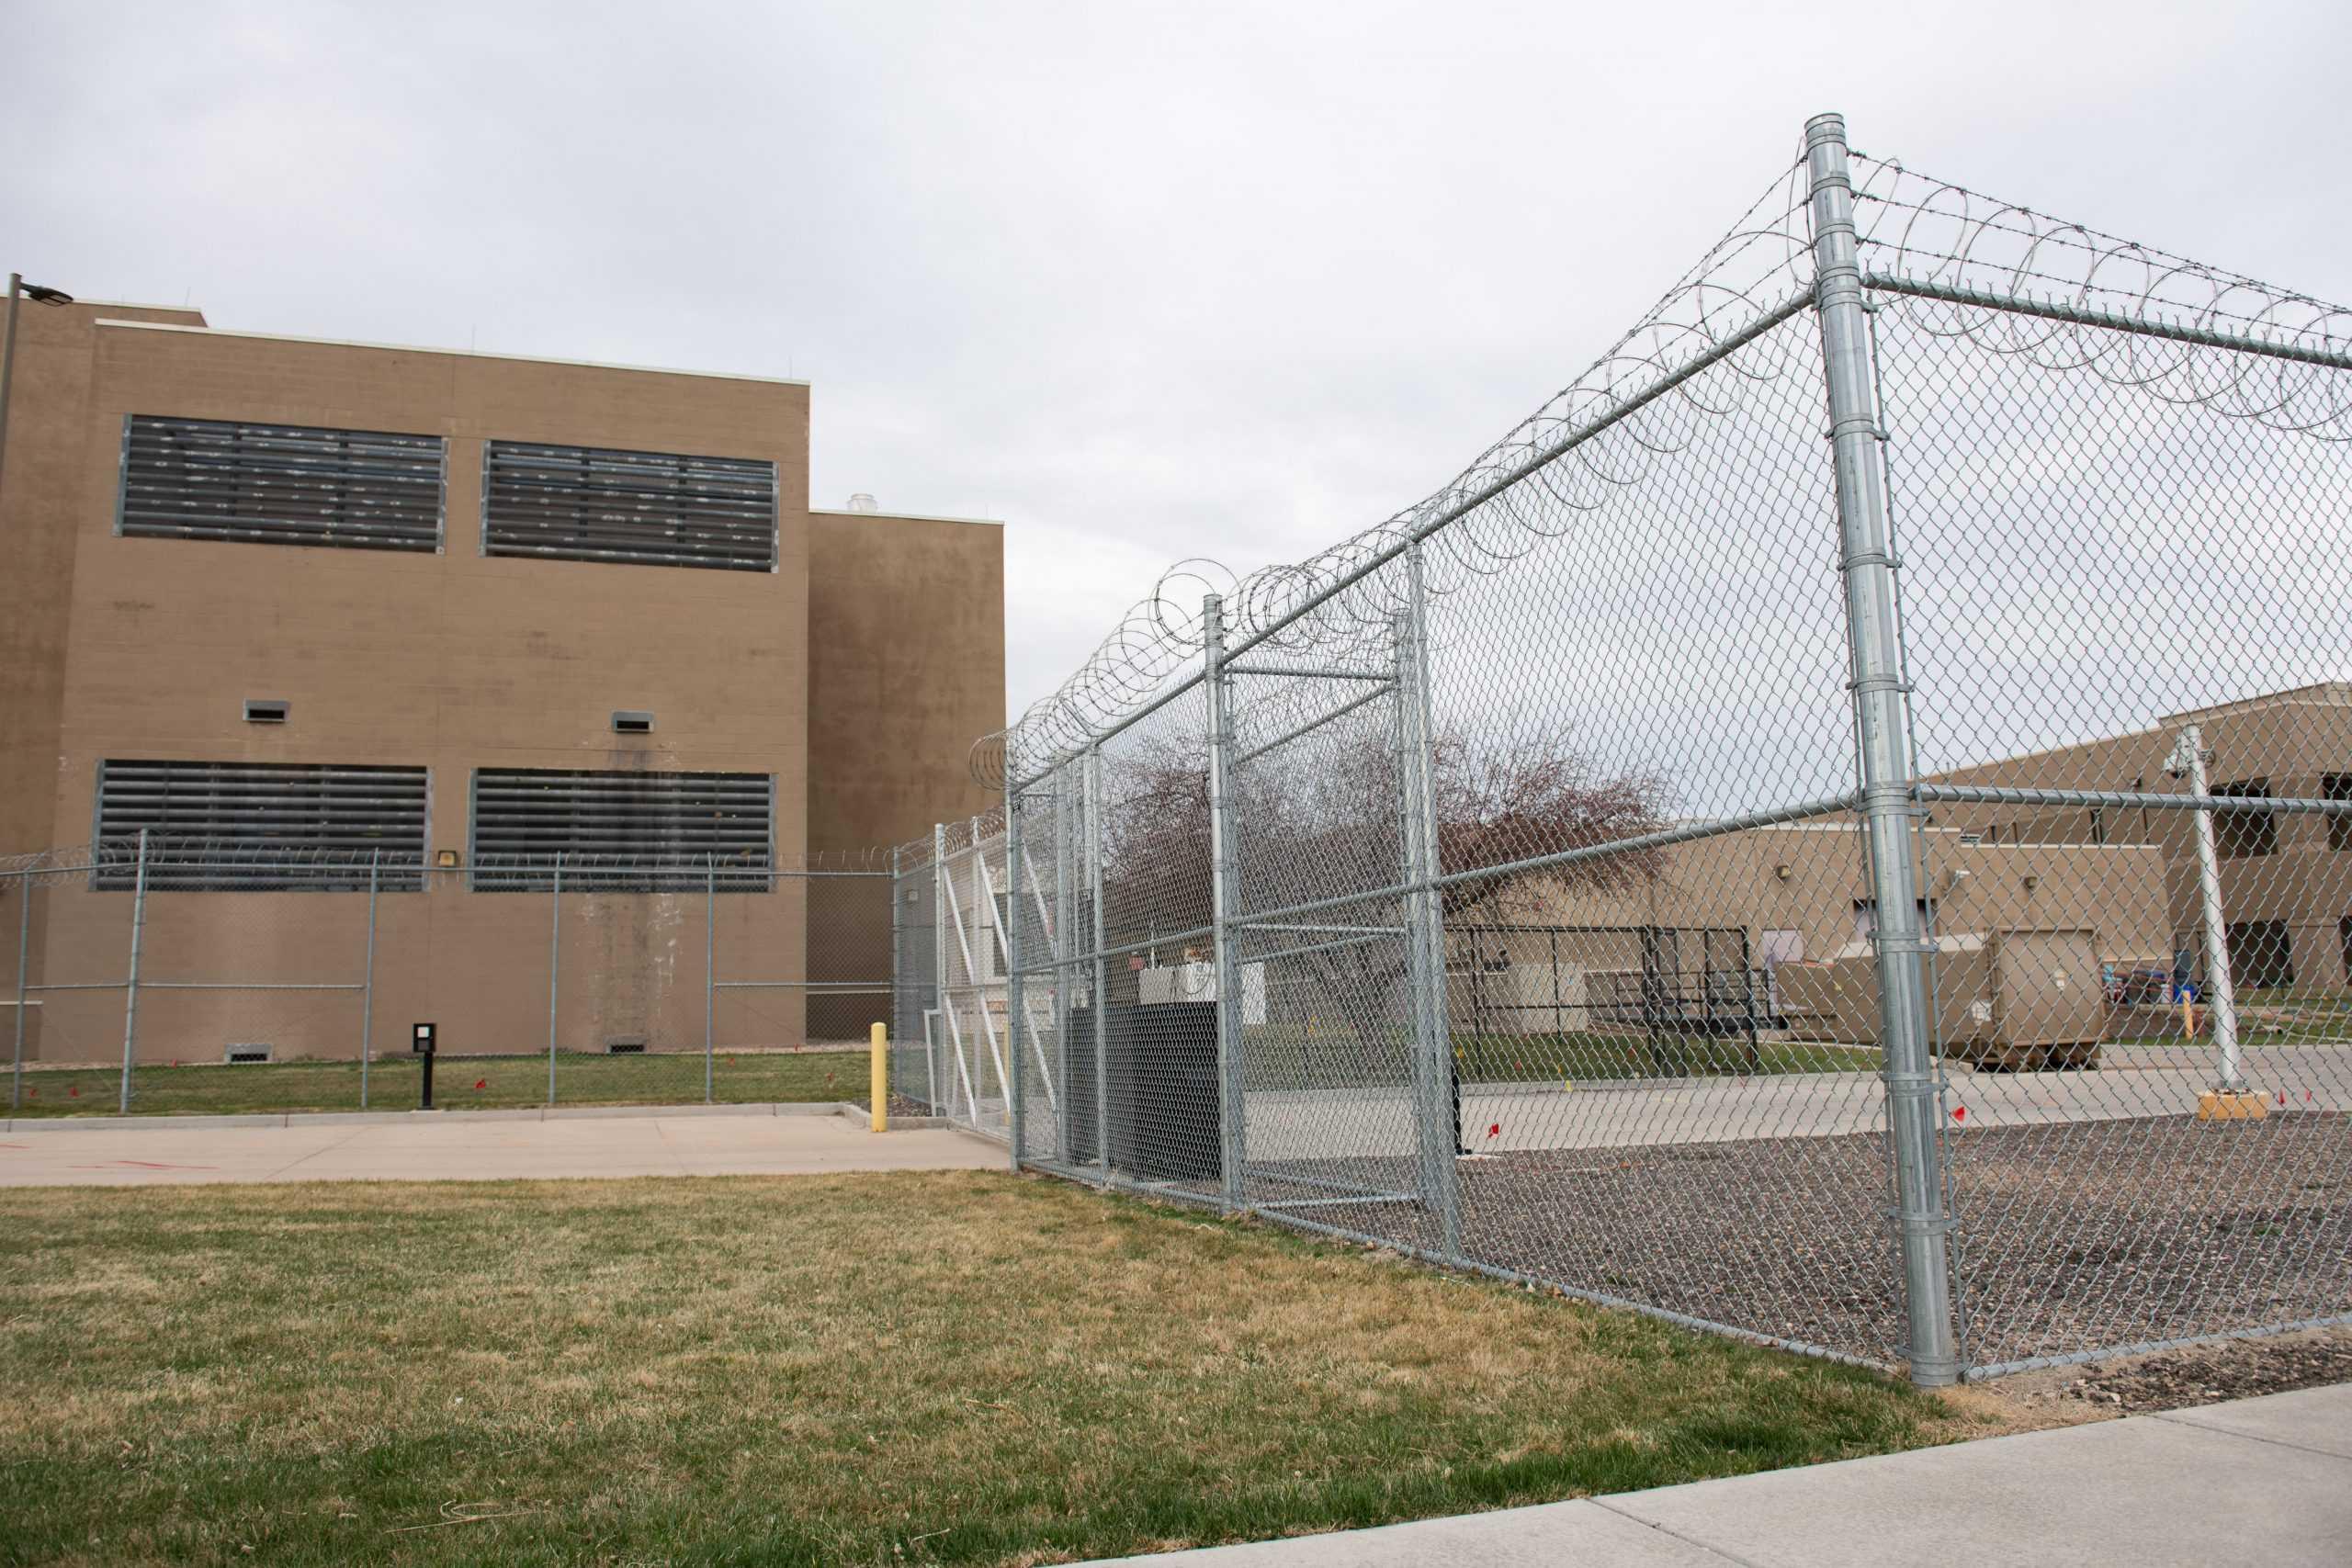 Northern Colorado Drug Task Force make arrest in national